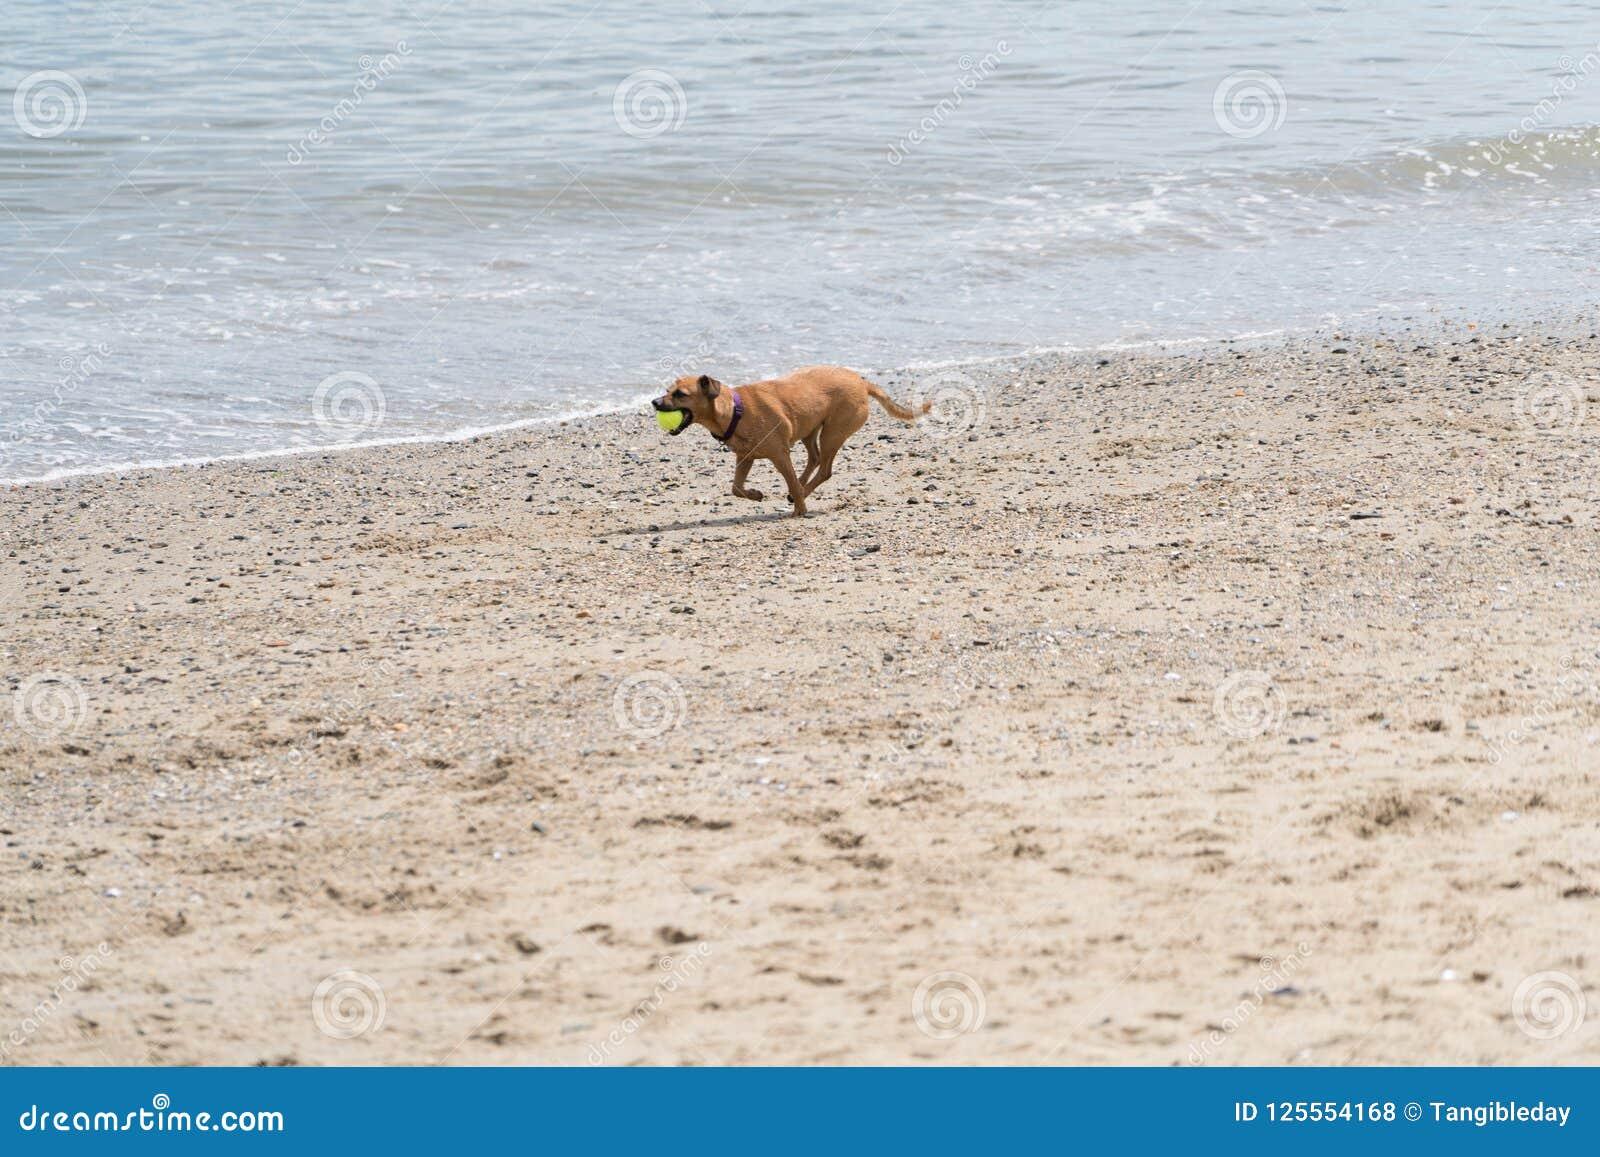 A dog with a tennis ball on the beach